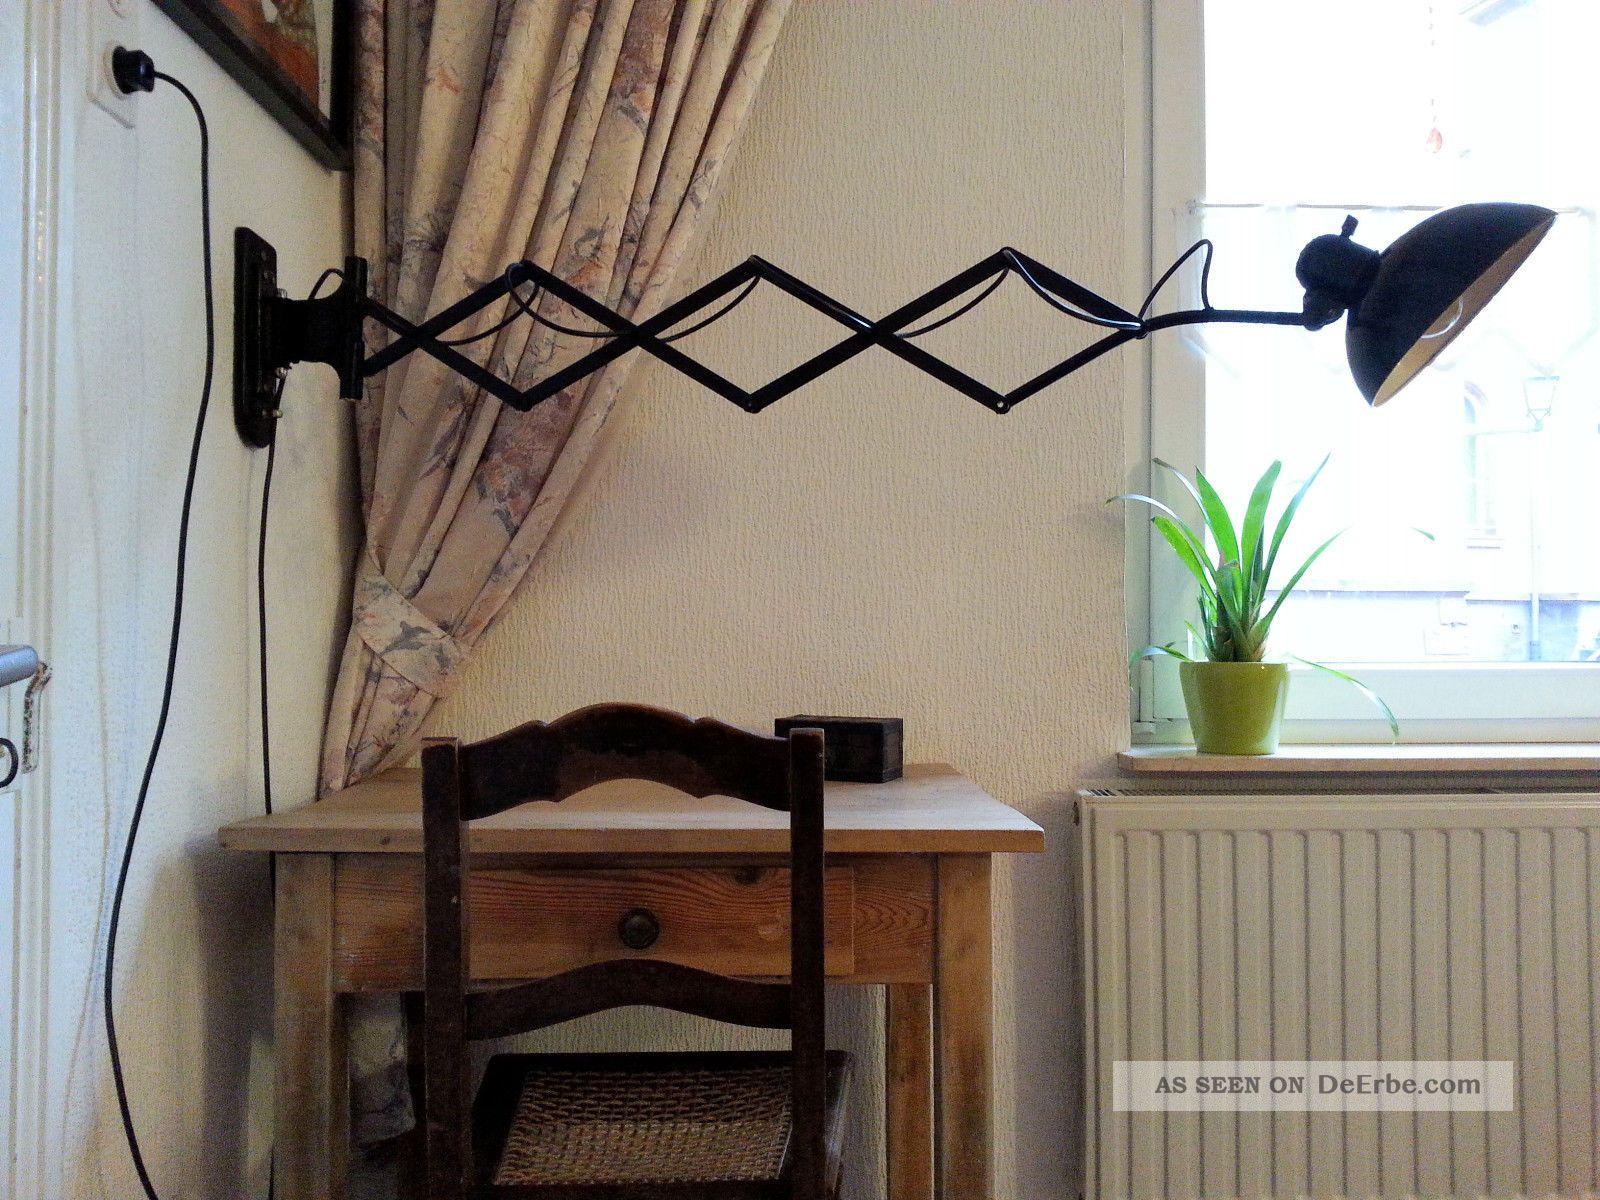 kaiser idell scherenlampe schreibtisch lampe loft leuchte art deco bauhaus. Black Bedroom Furniture Sets. Home Design Ideas